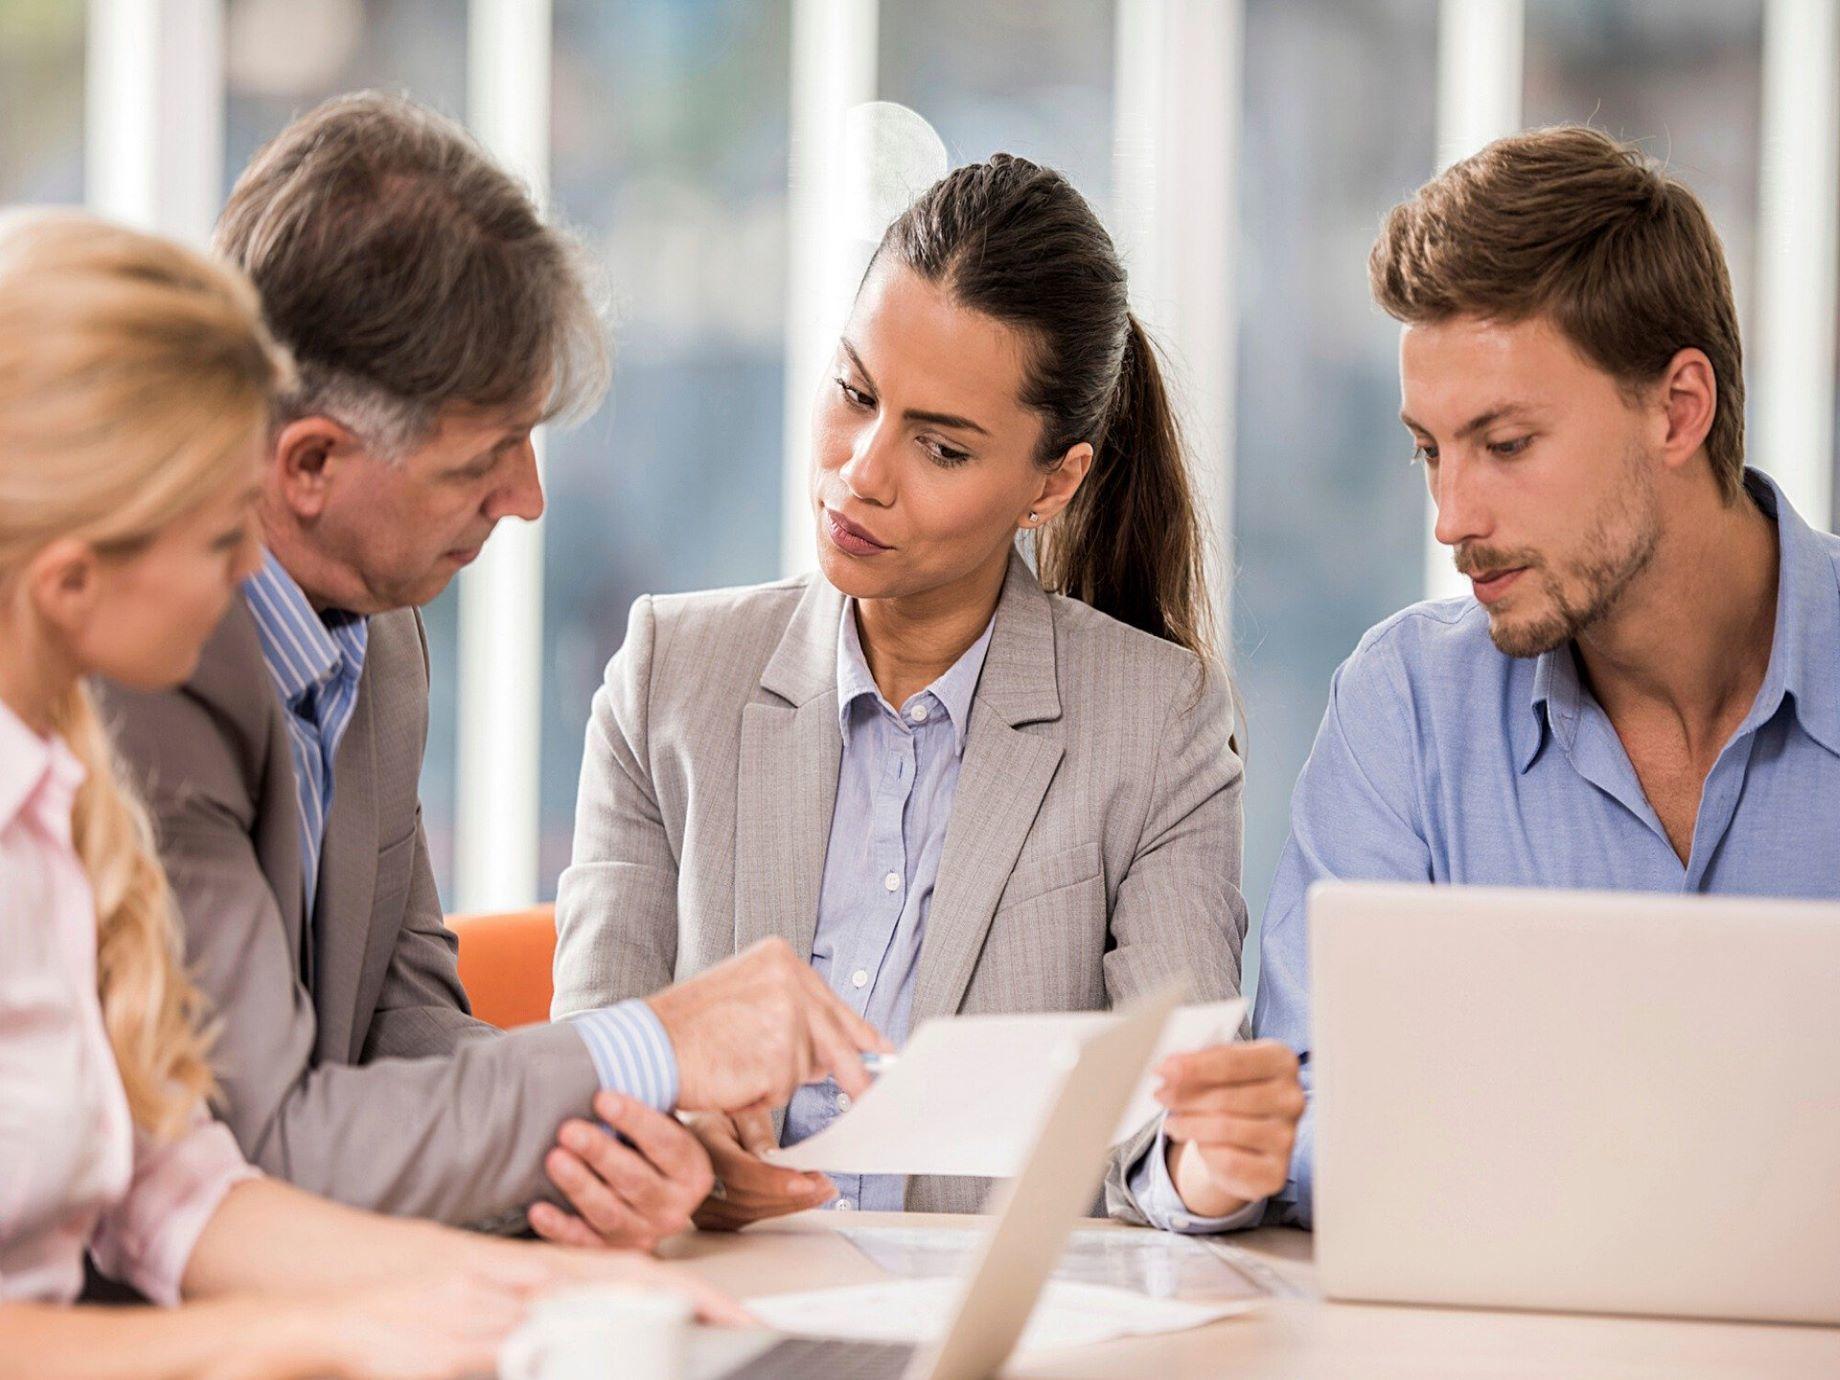 內部提案該怎麼贏過同事?從4大情境安排訊息內容,當場增強說服力度!